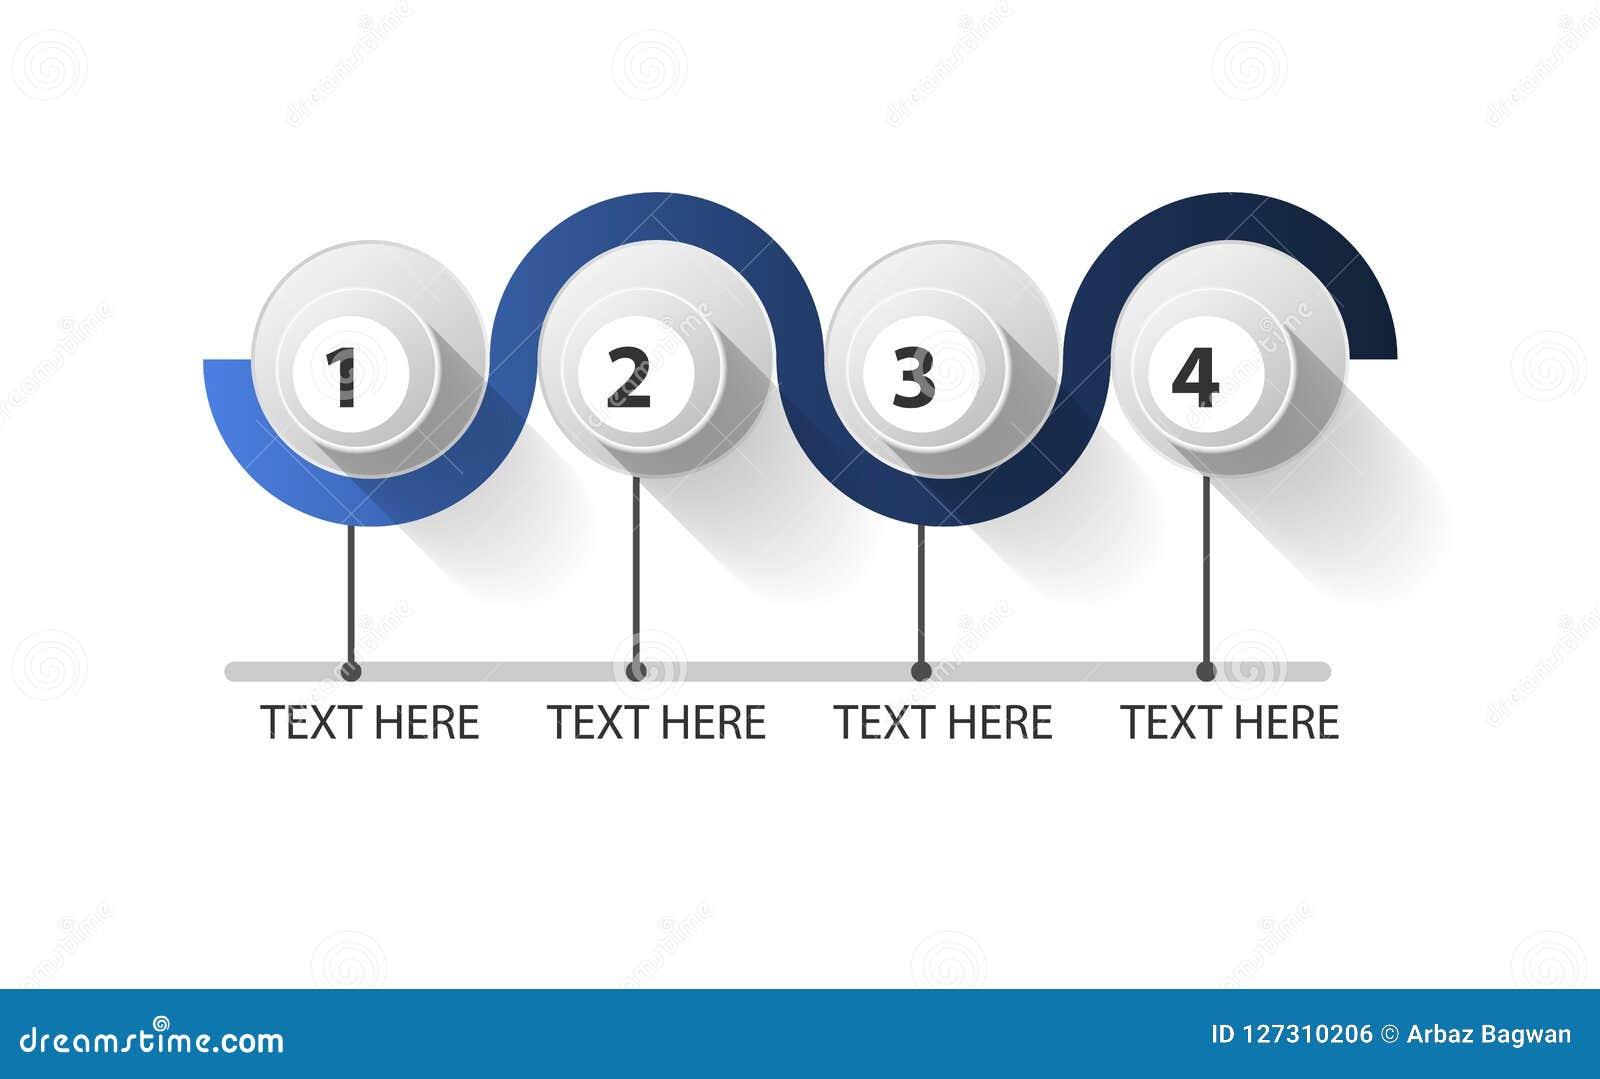 Circolo chiuso di Infographic a 4 punti